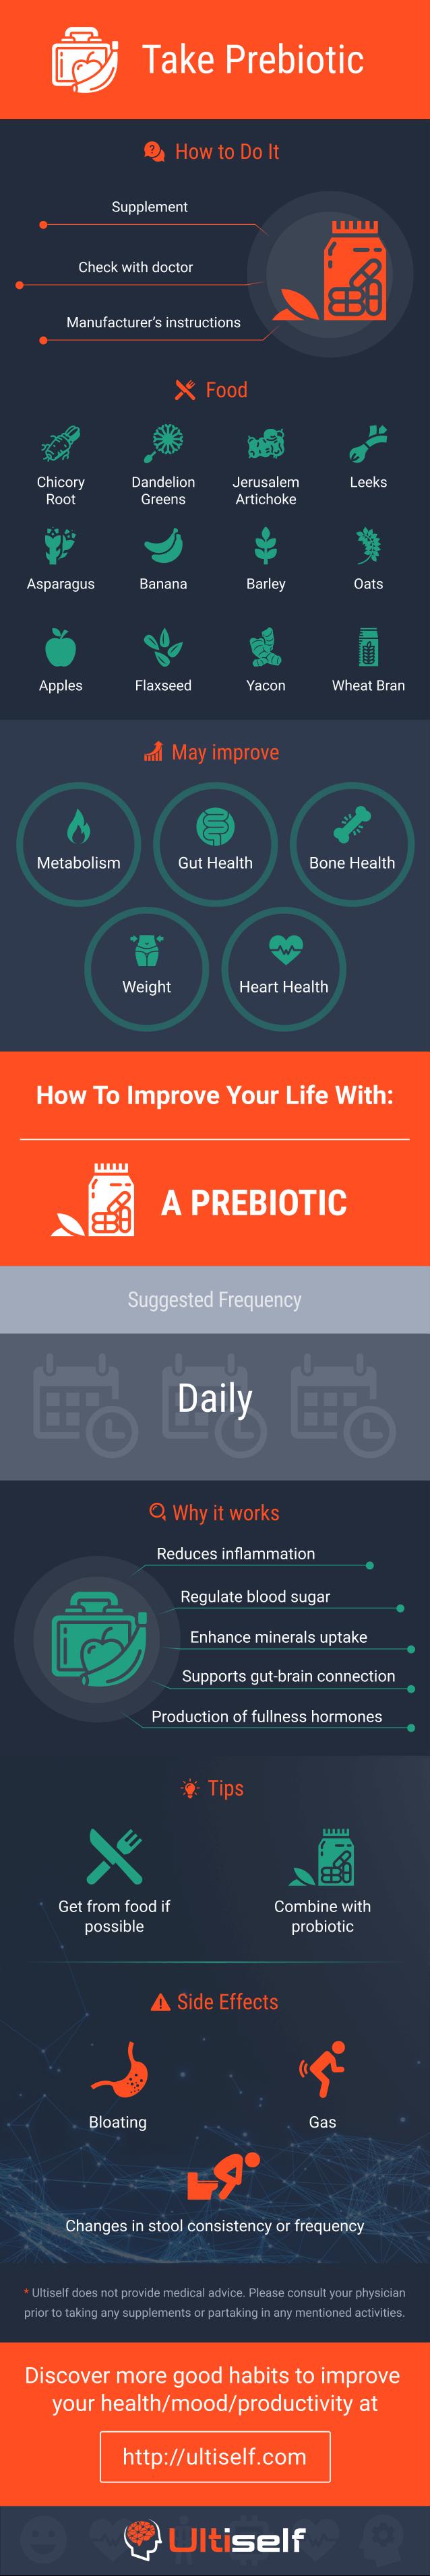 Take a prebiotic infographic